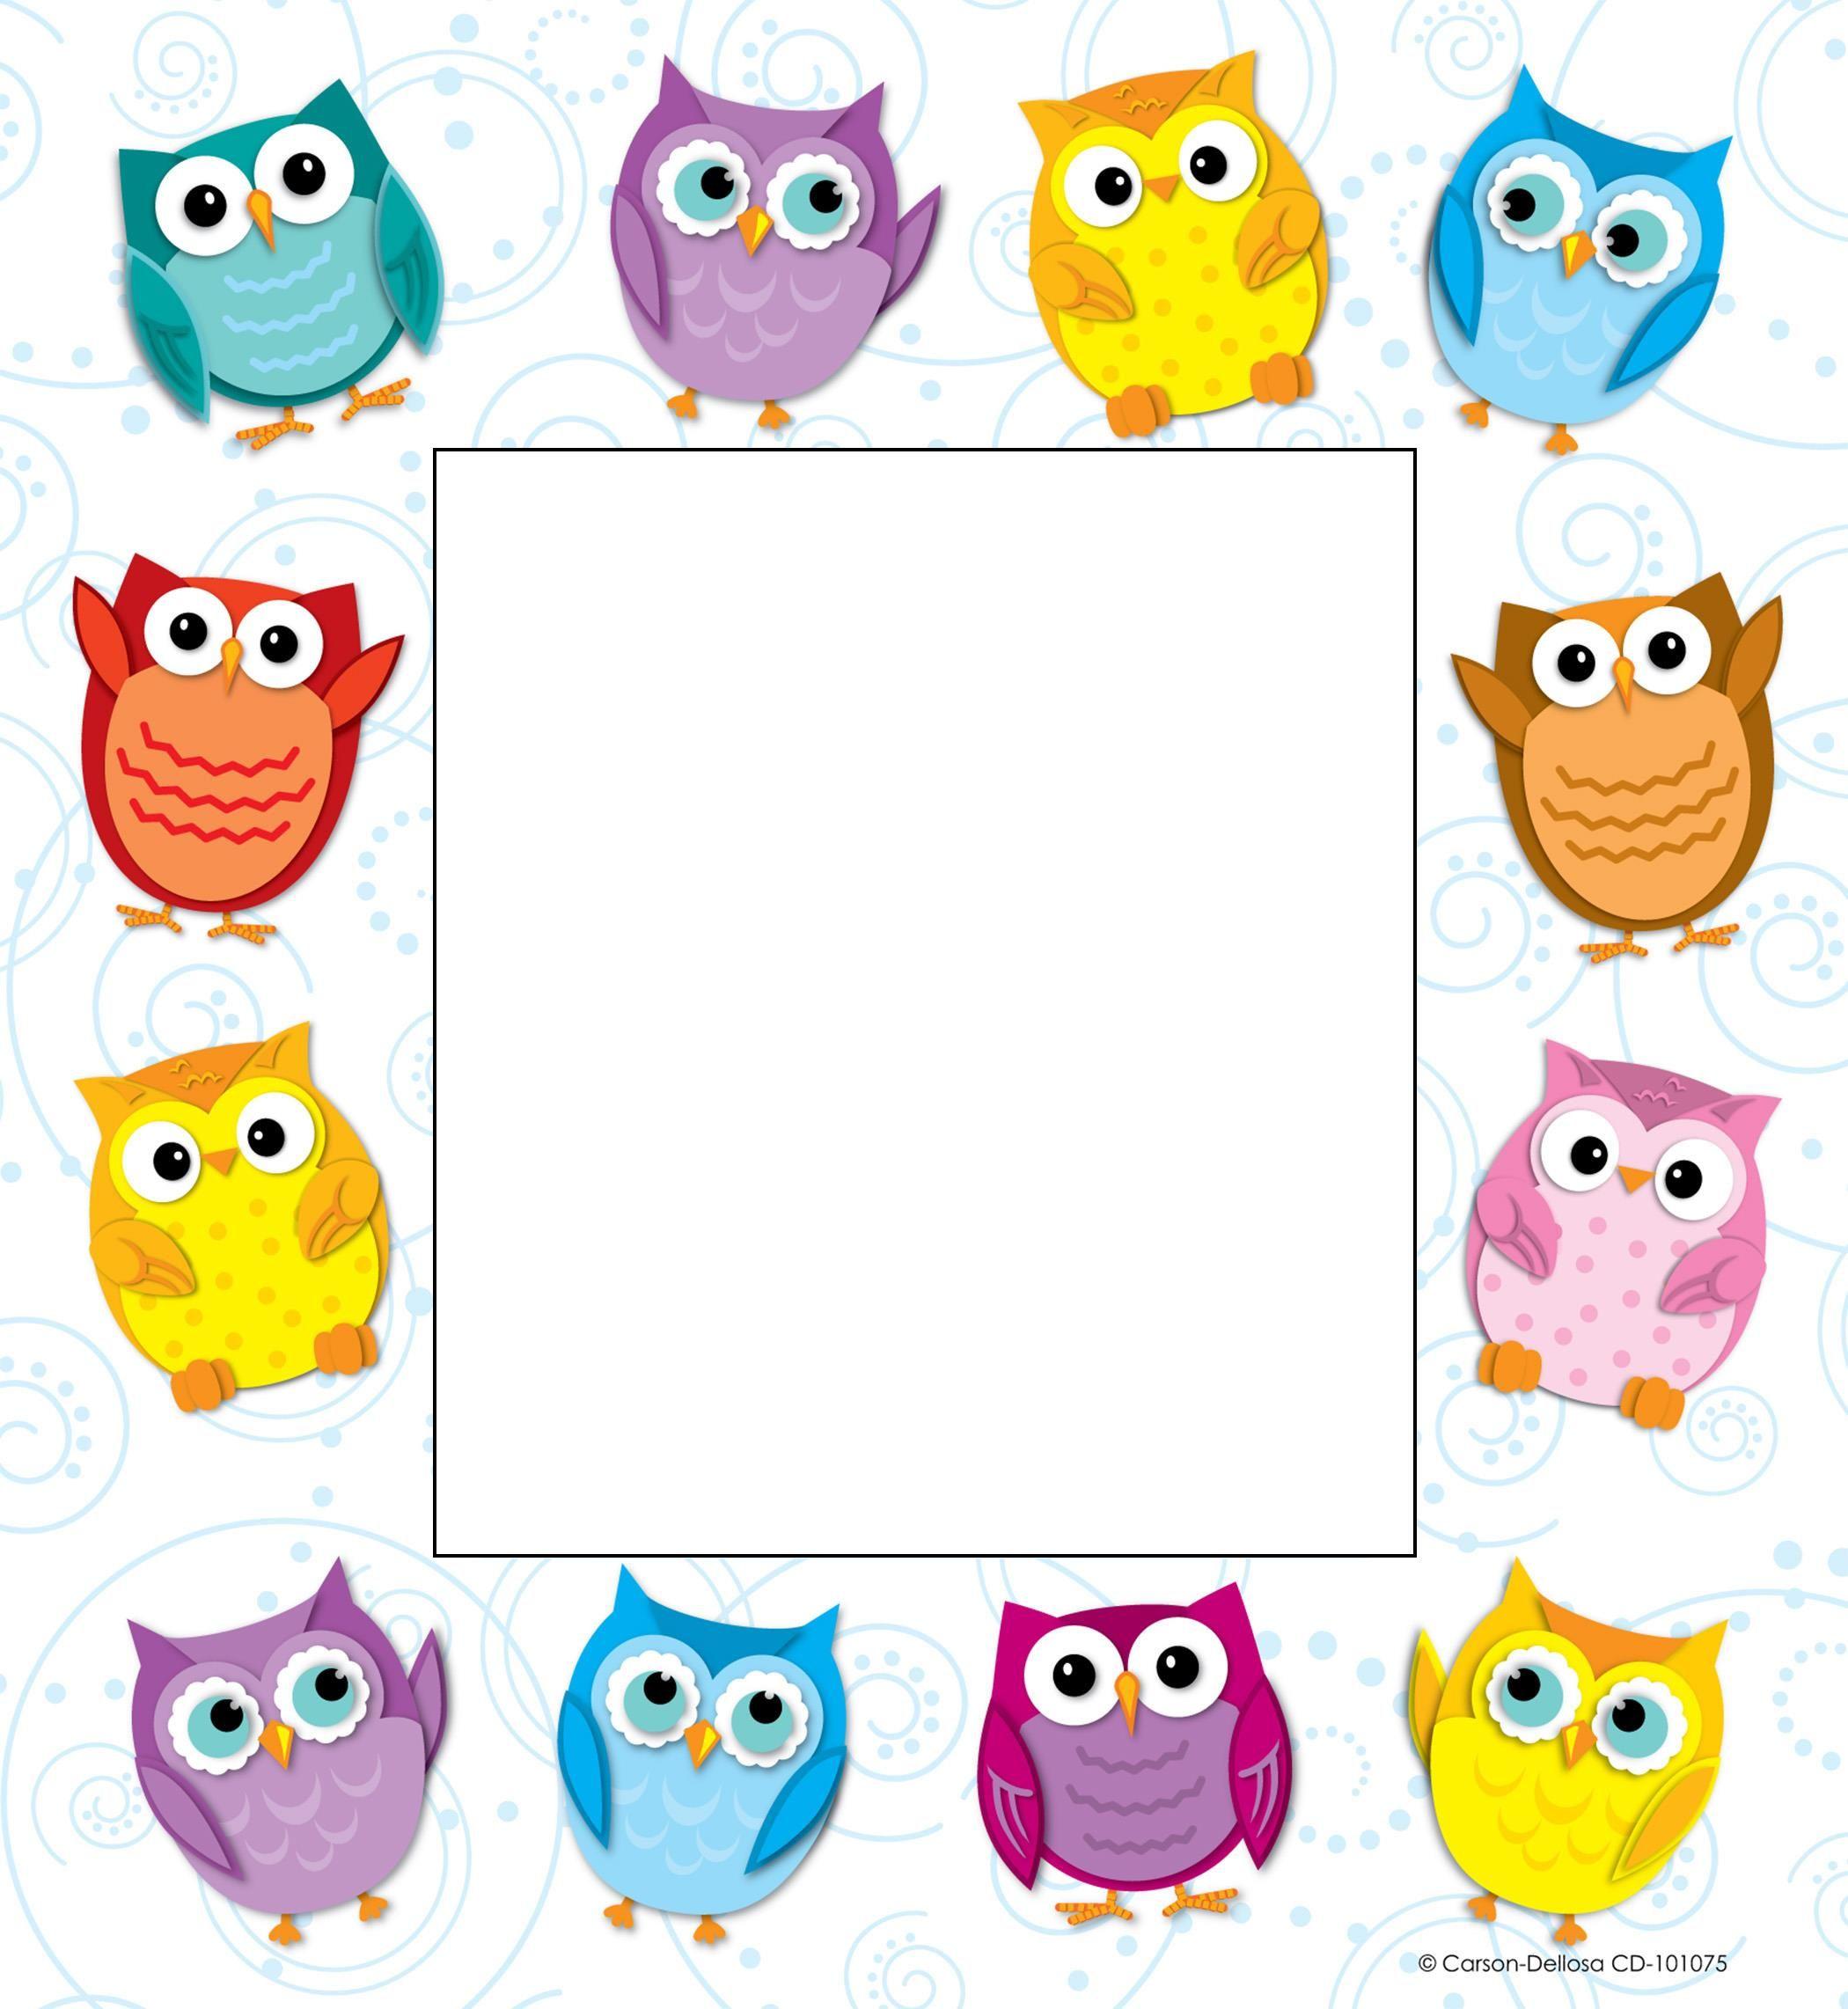 000001 Ori Jpg 2100 2283 Owl Background Owl Patterns Owl Theme